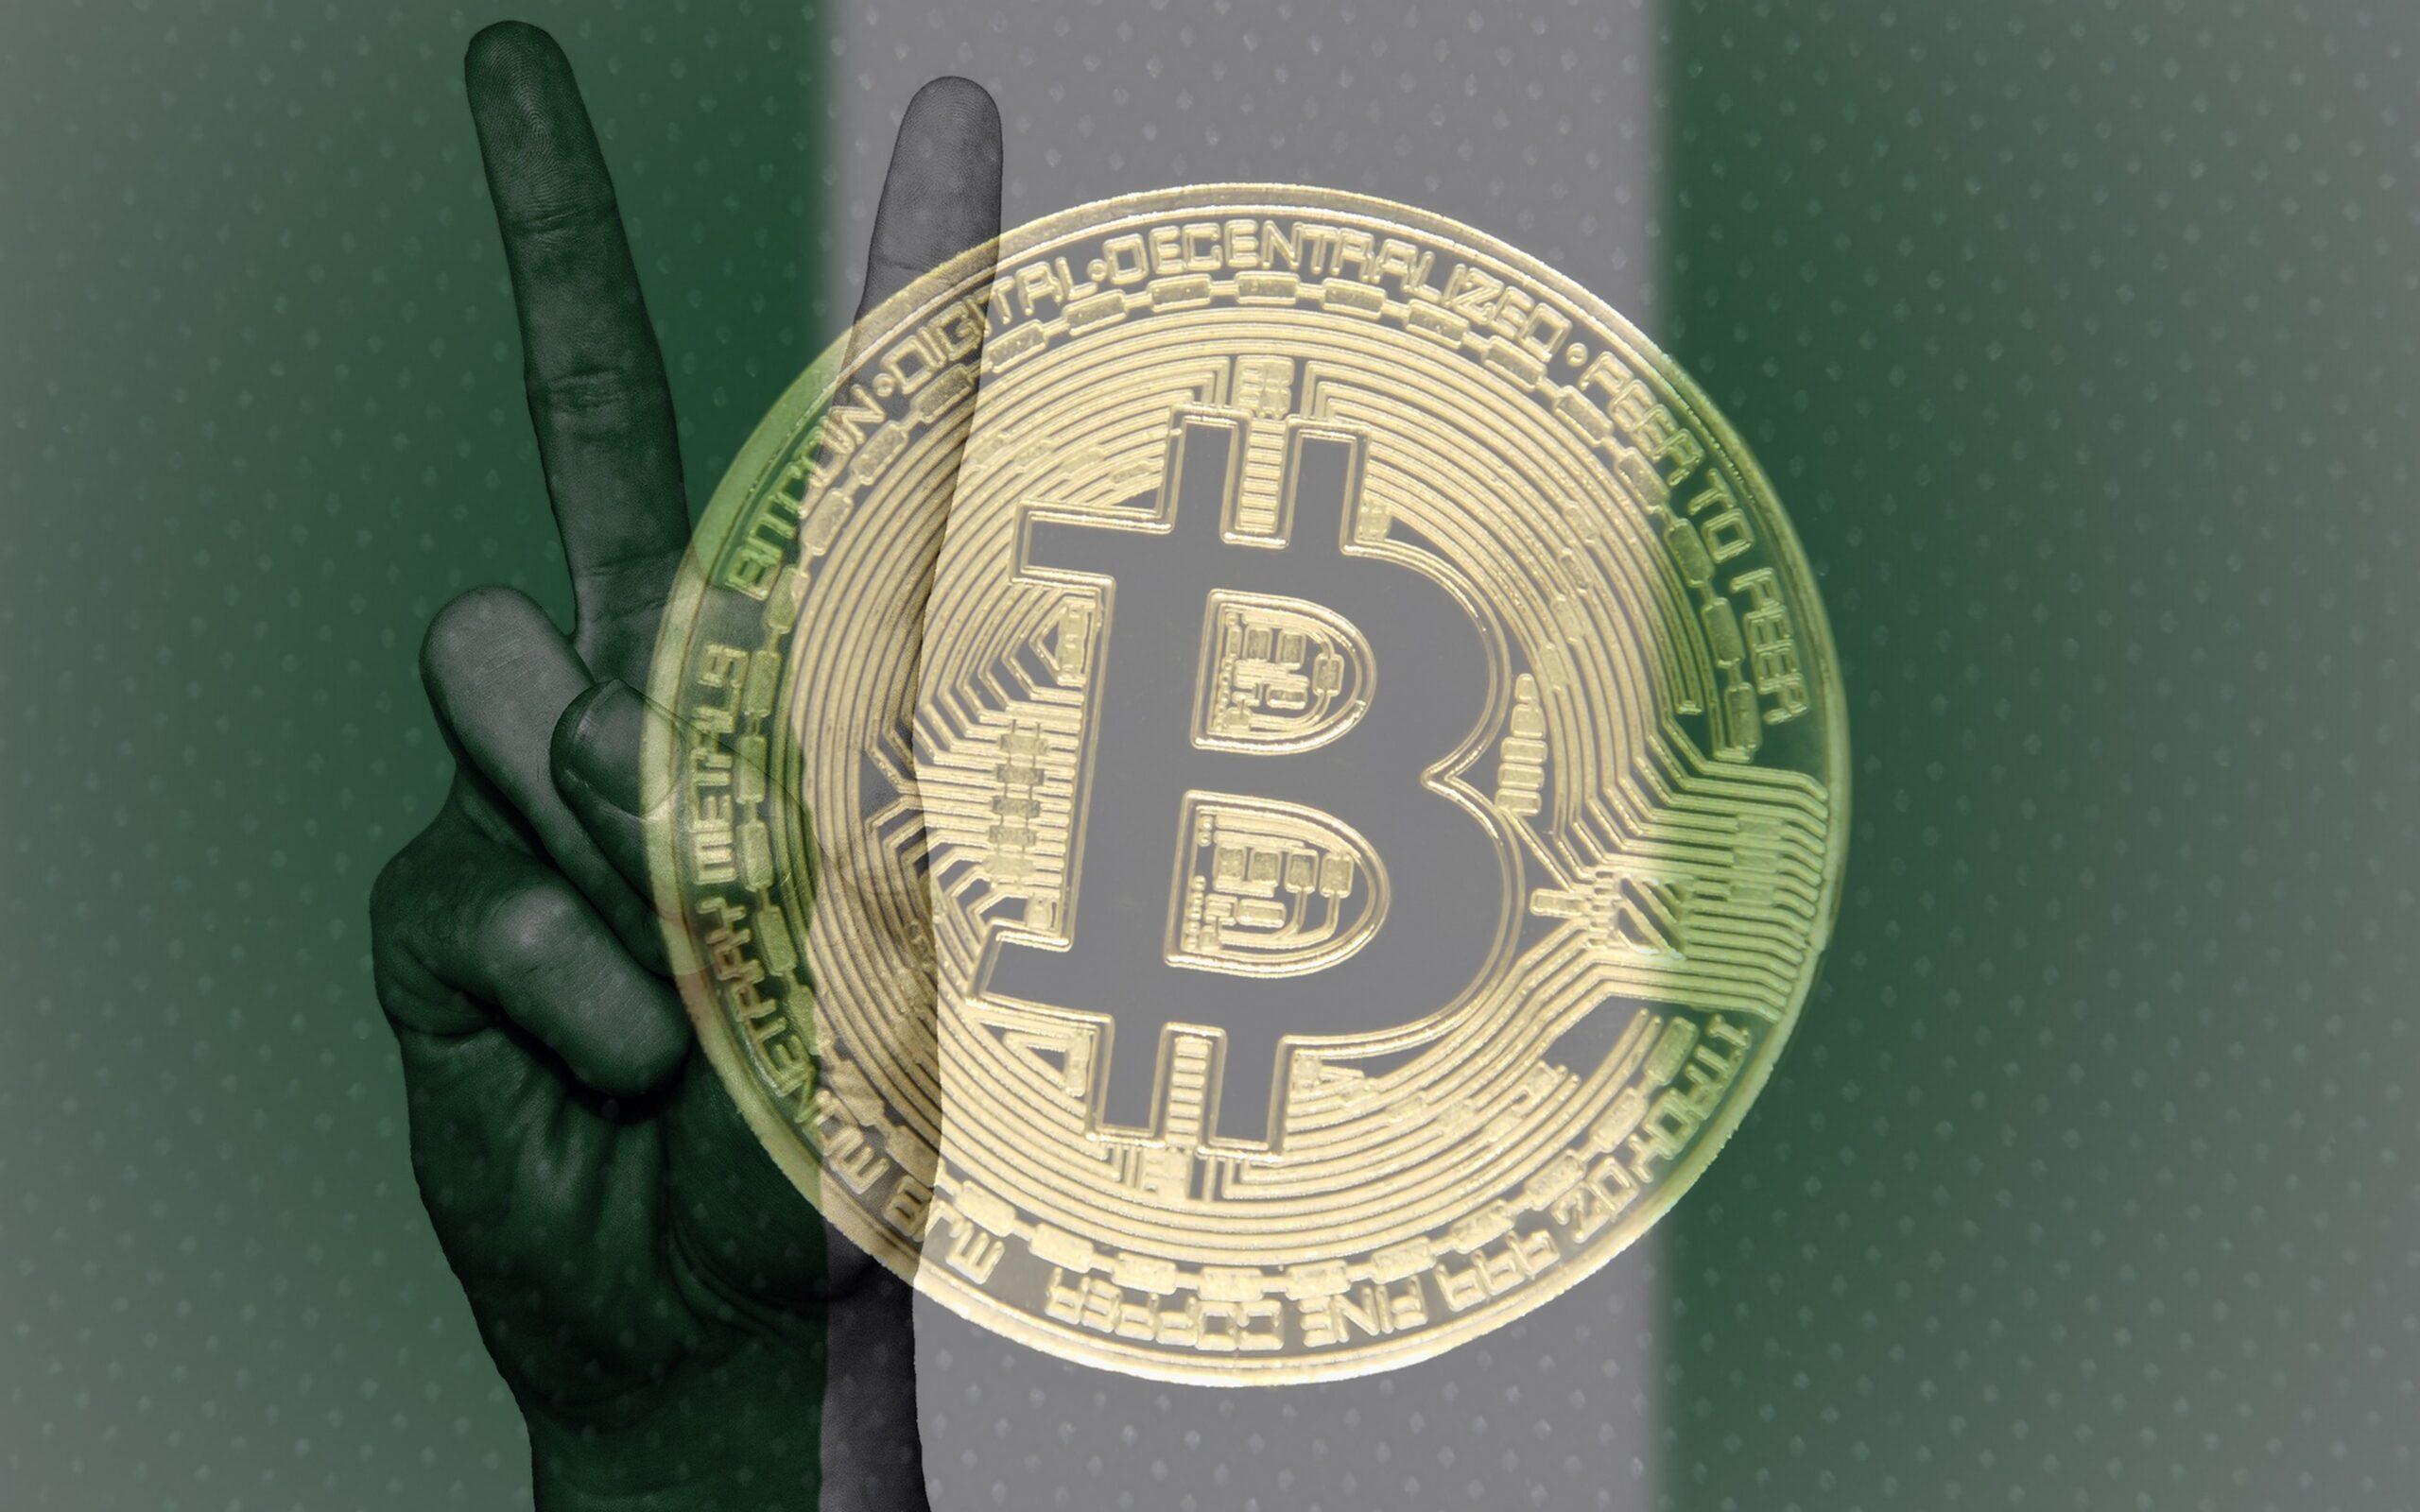 La SEC nigériane publie une déclaration historique sur les cryptomonnaies